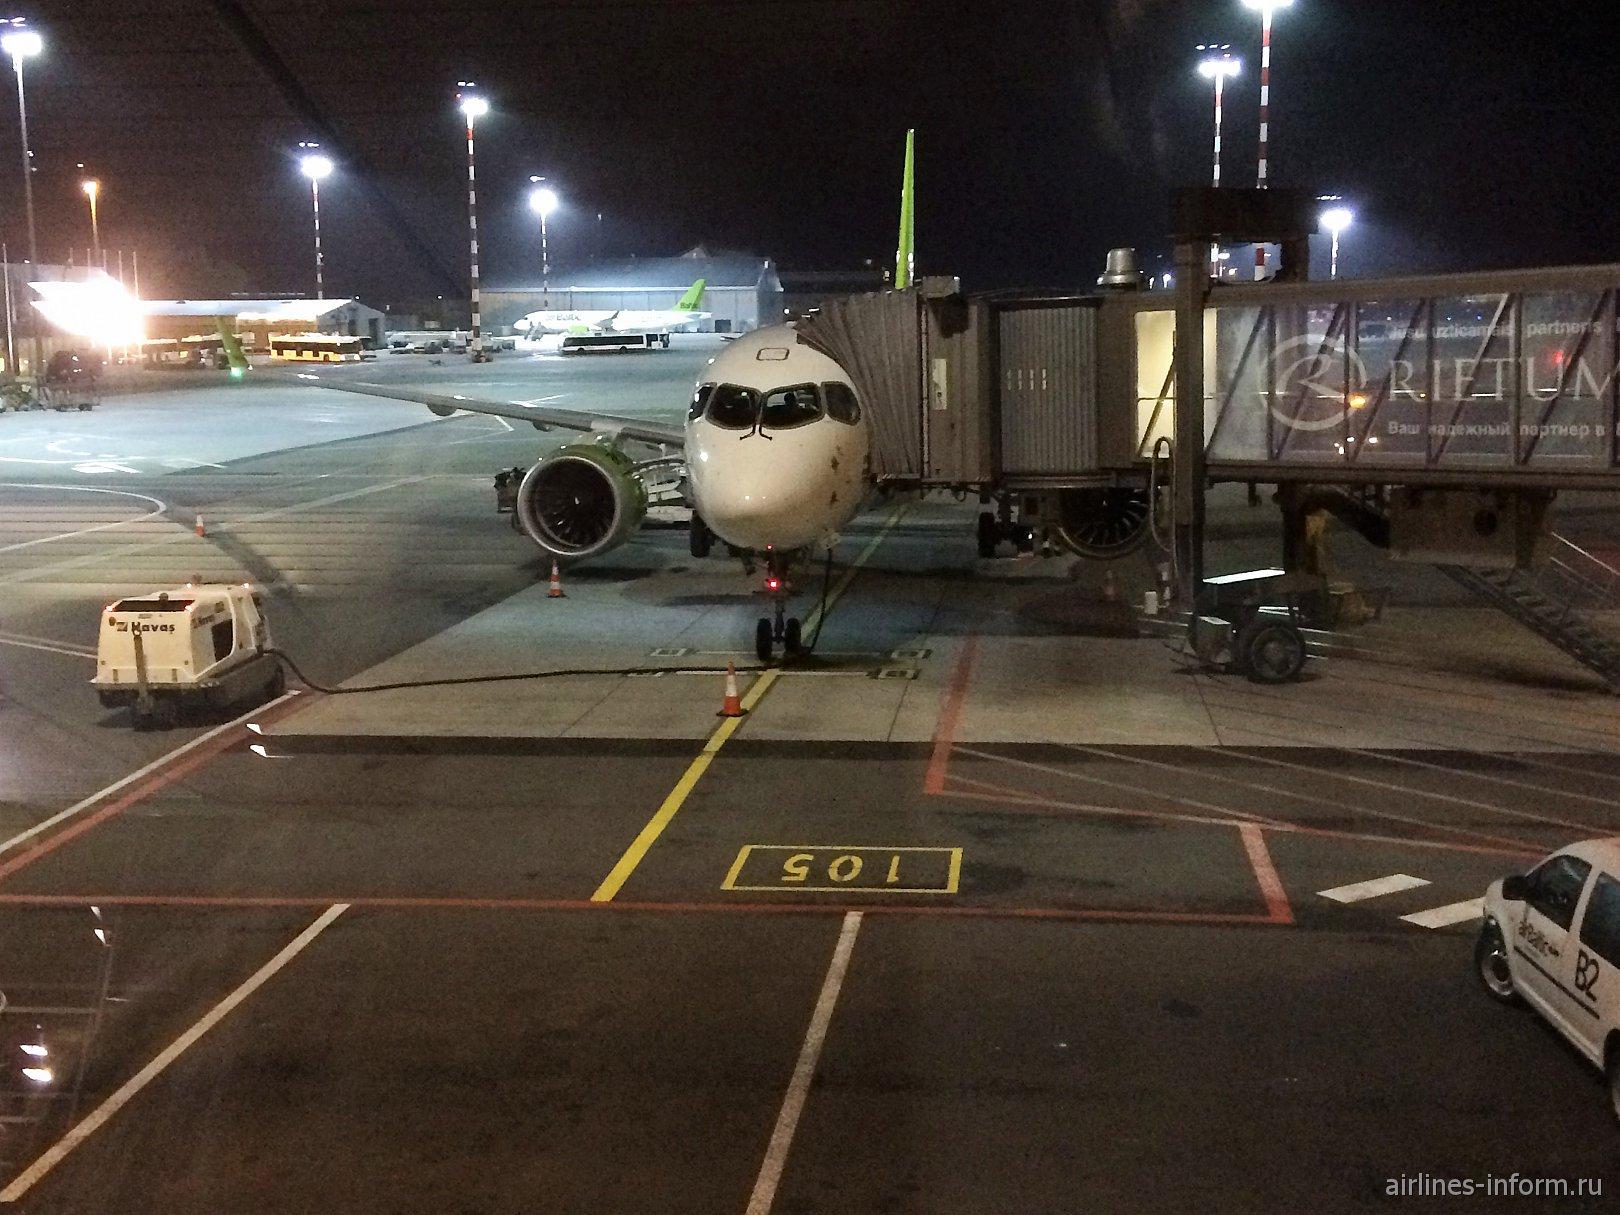 Рига-Мальта с AirBaltic на Bombardier CS300